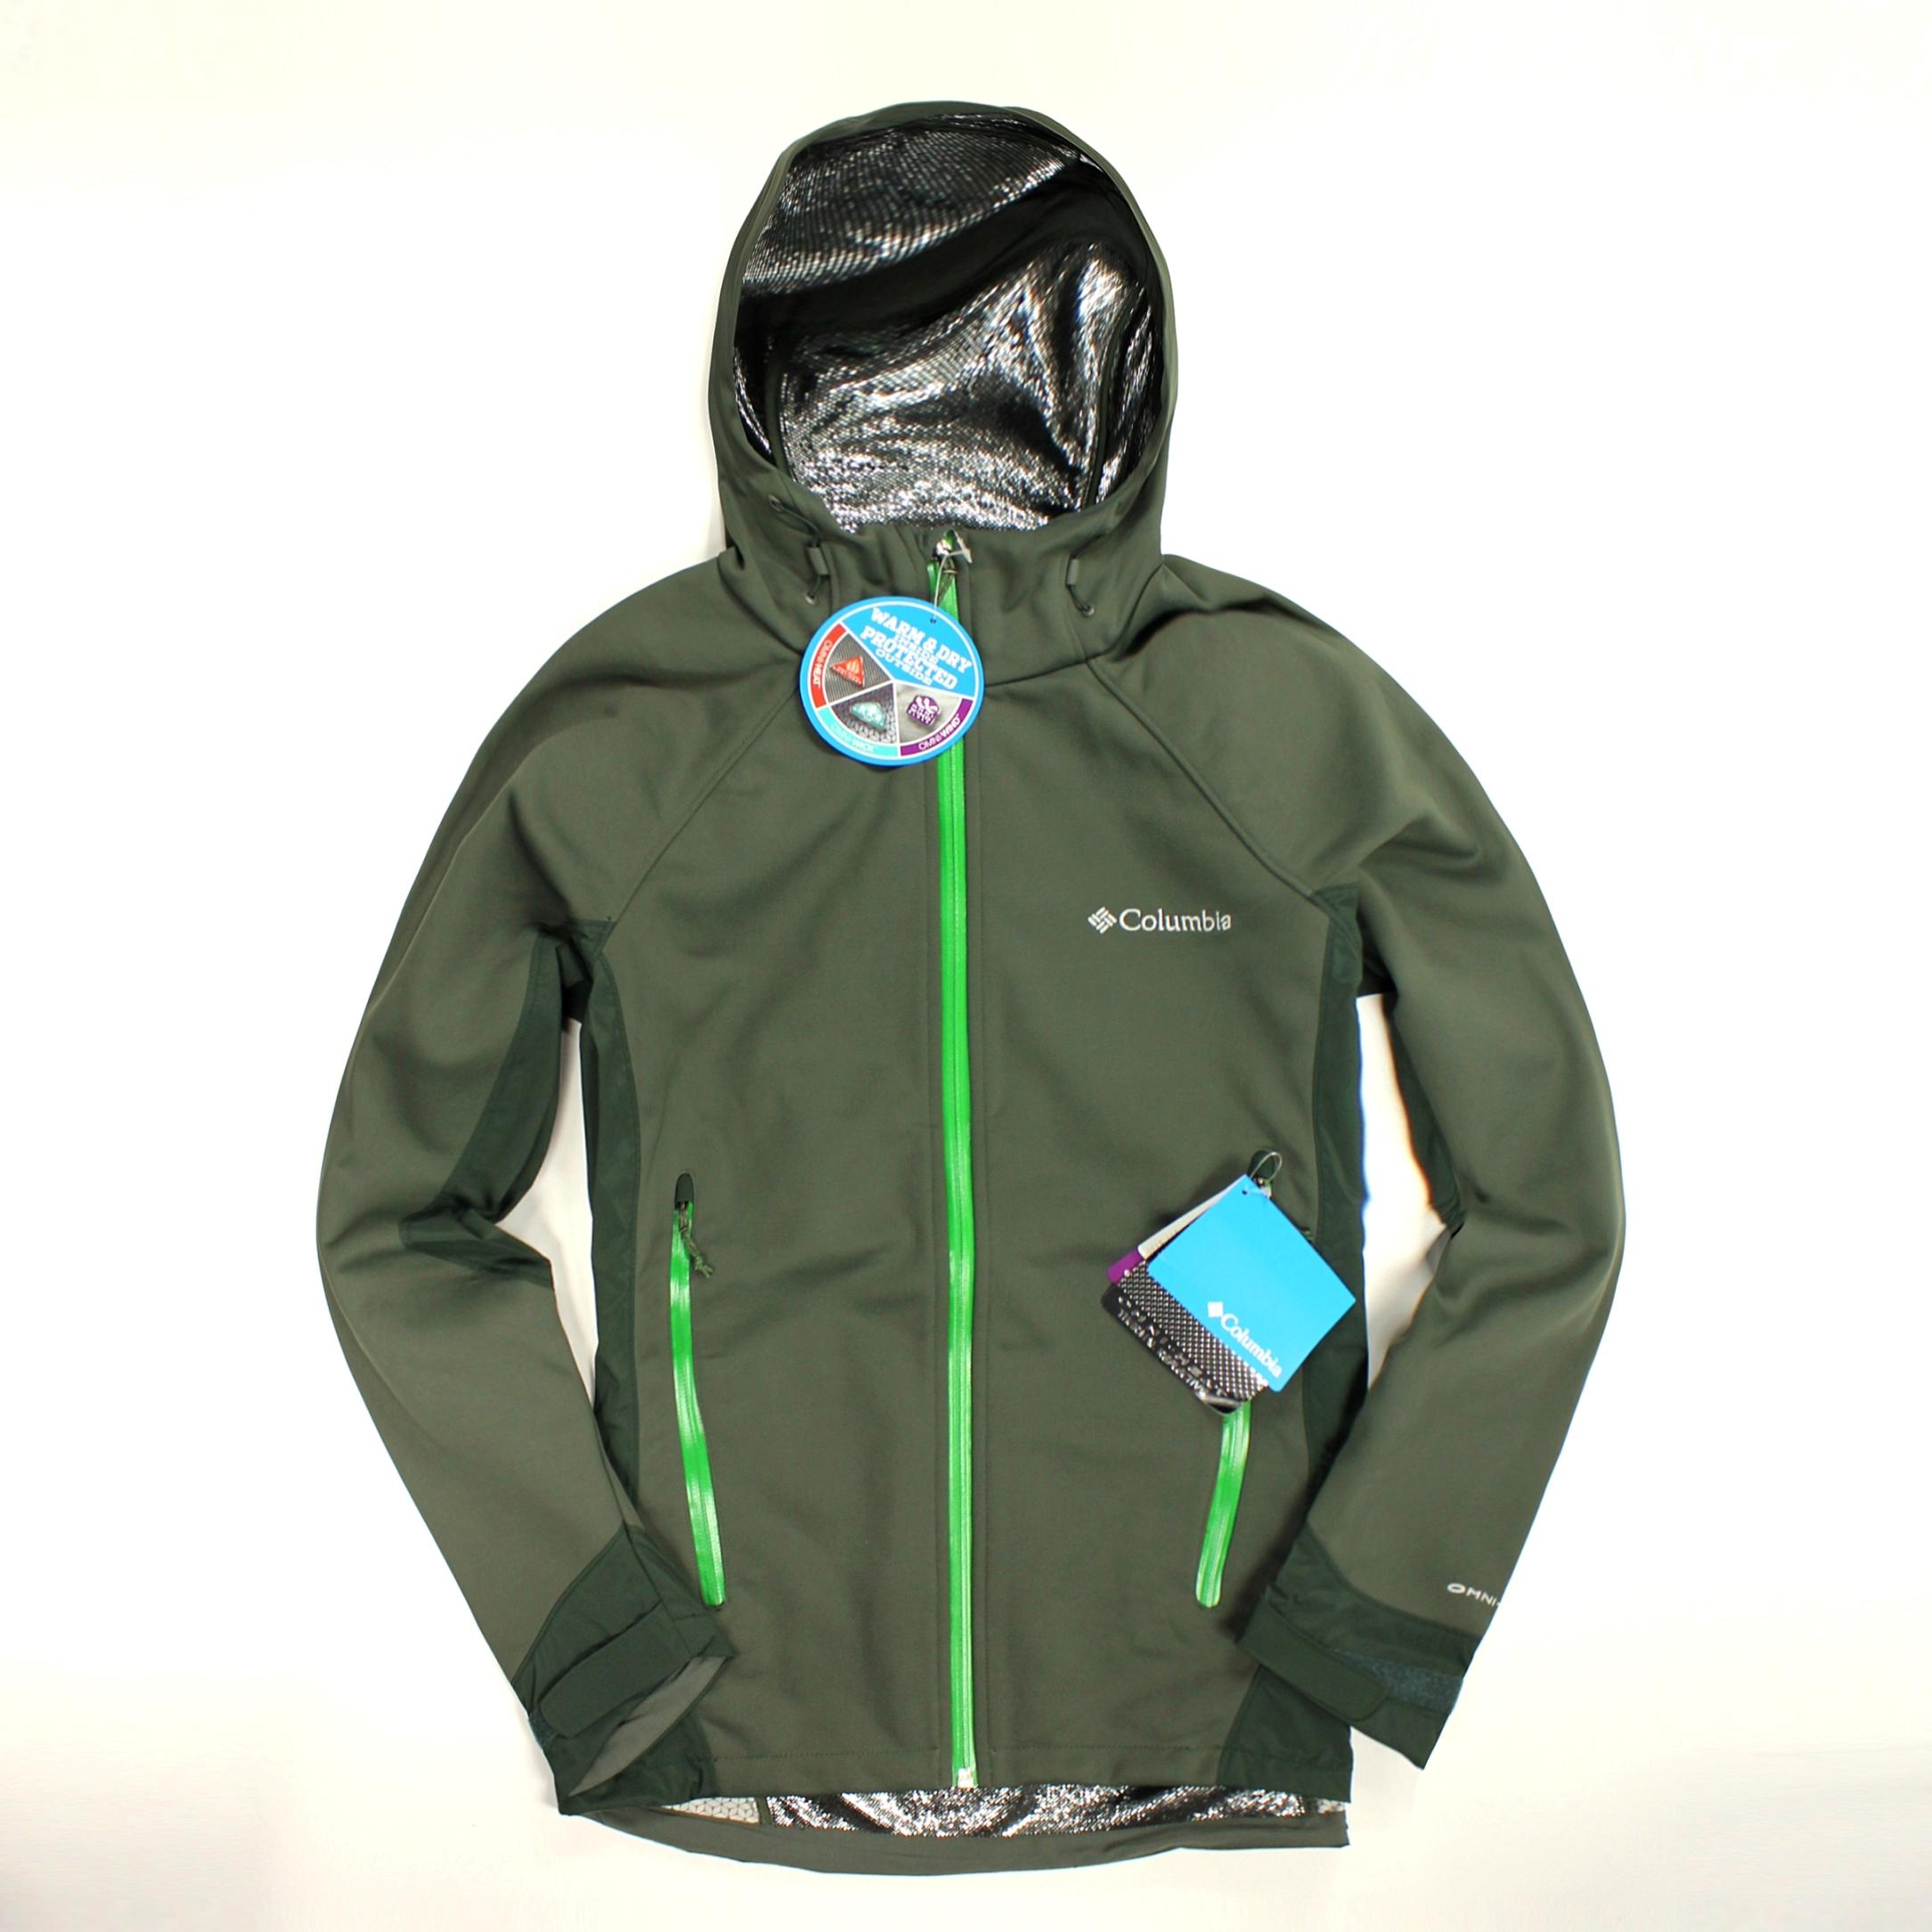 美國百分百【全新真品】Columbia 外套 哥倫比亞 連帽 發熱衣 Omni heat 軟殼 保暖 專利 男 墨綠